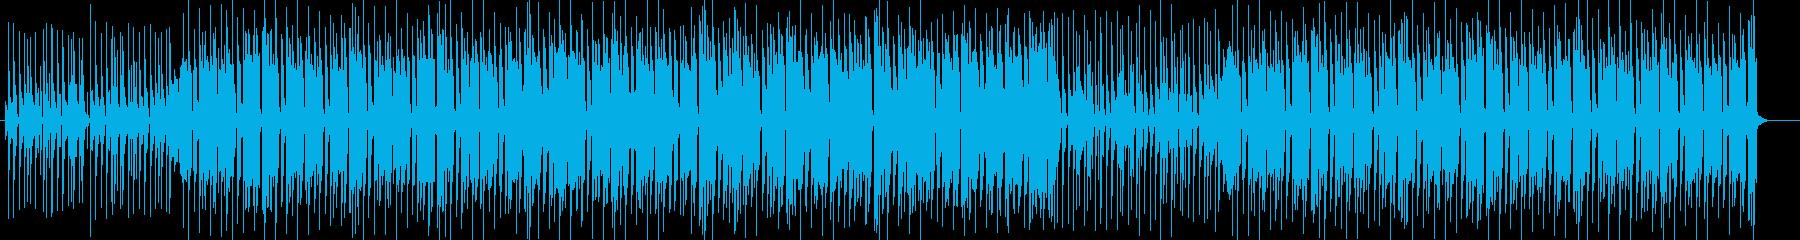 宇宙的なシンセサイザーポップサウンドの再生済みの波形